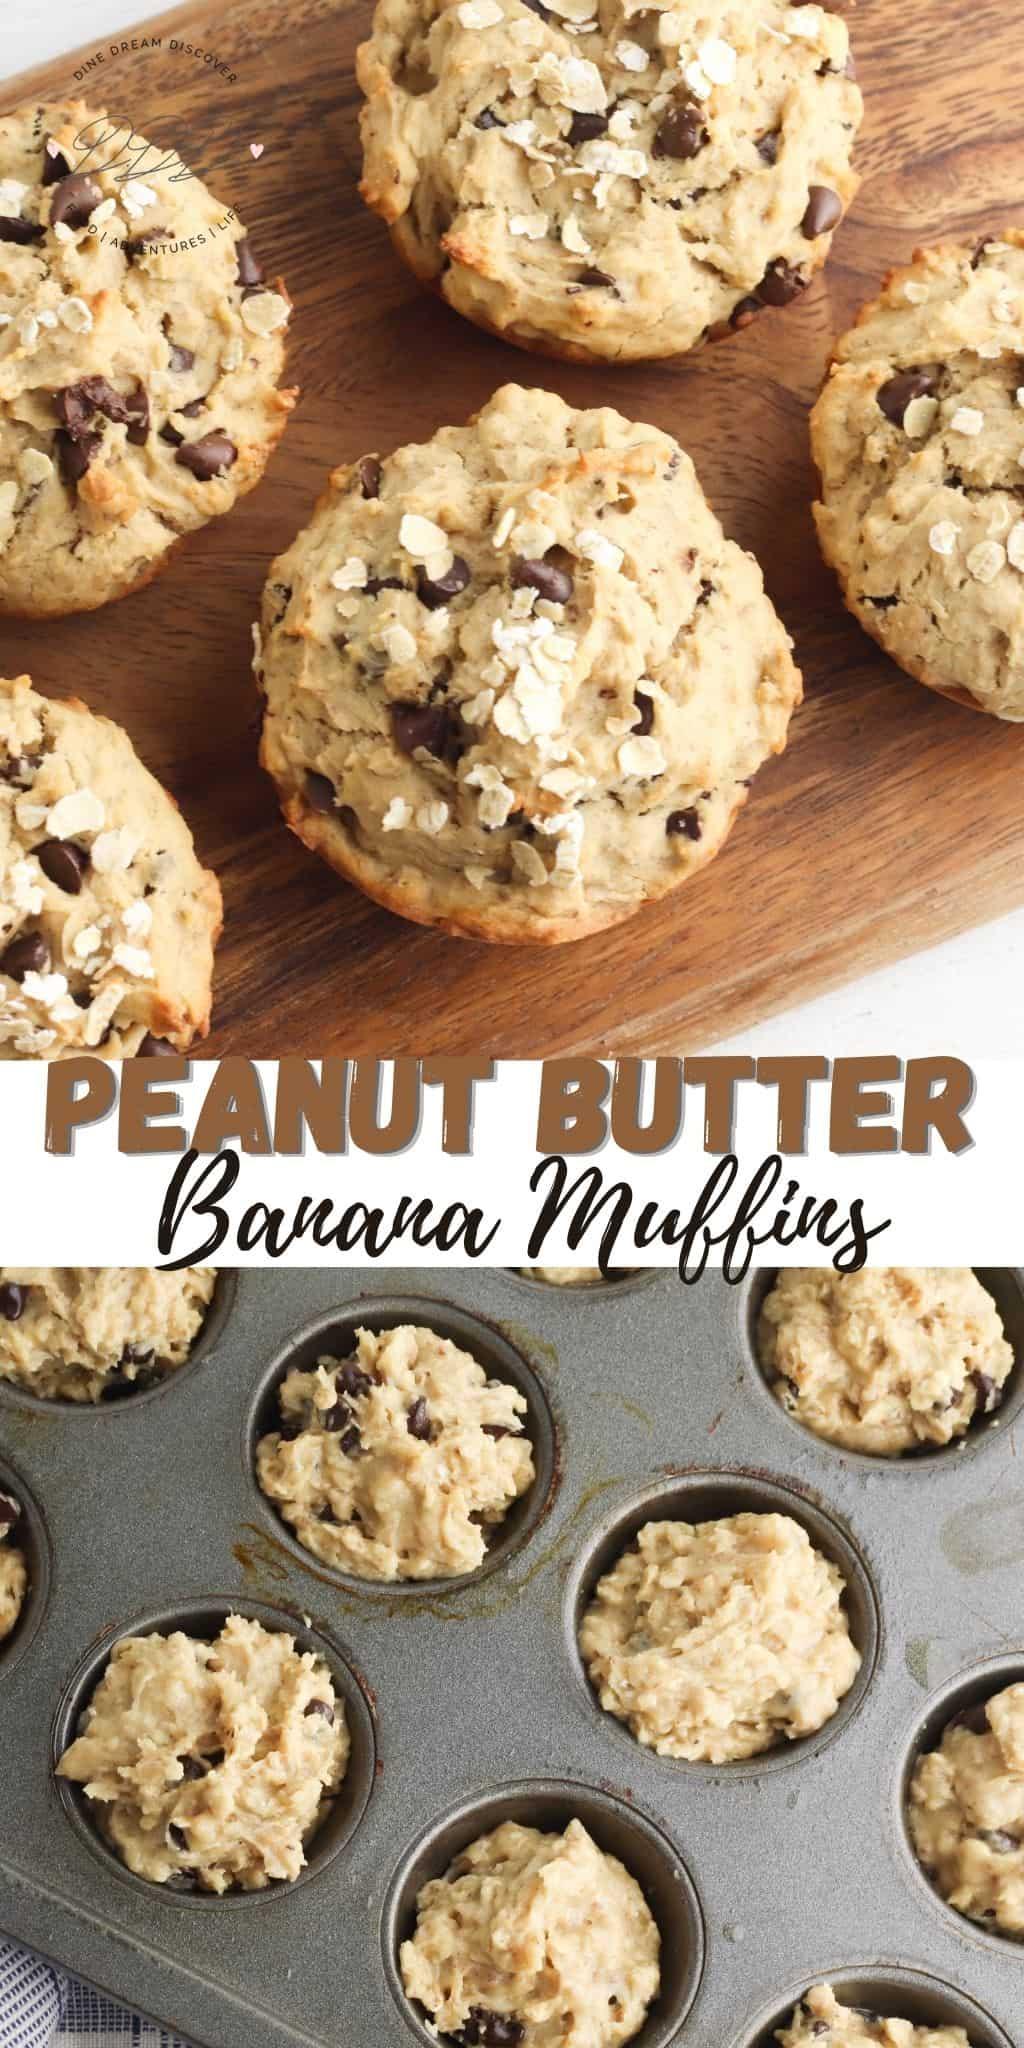 Peanut Butter Banana Muffins Recipe